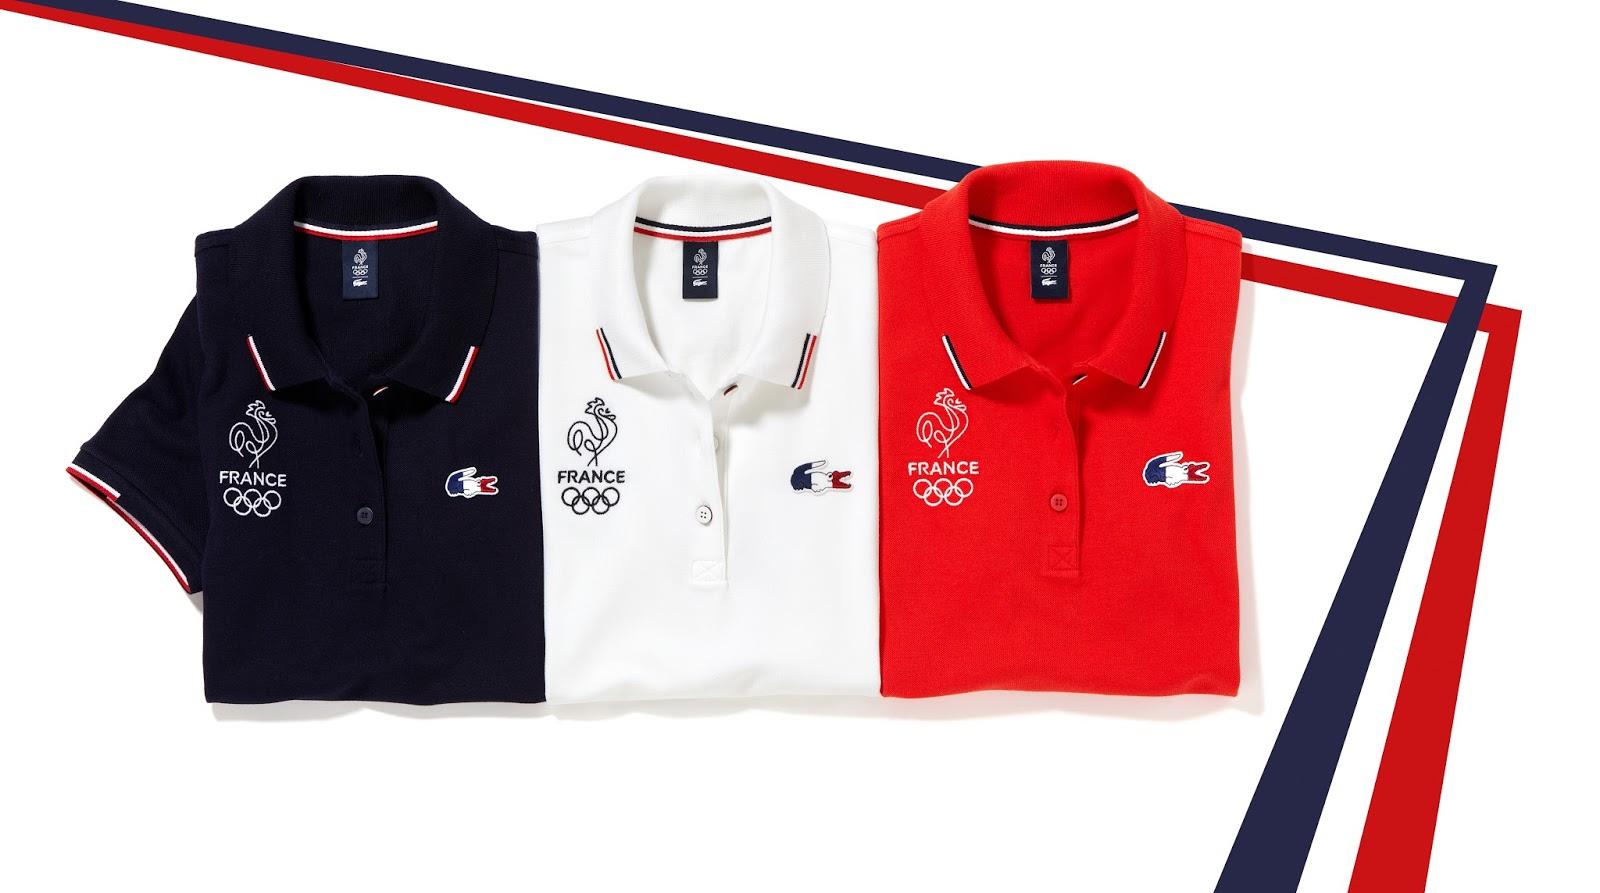 b05d04ccef En avant-première, et grâce à Lacoste qui a déjà diffusé les photos, je  peux vous montrer les vestiaire de l'équipe de France Olympique qui va se  composer ...